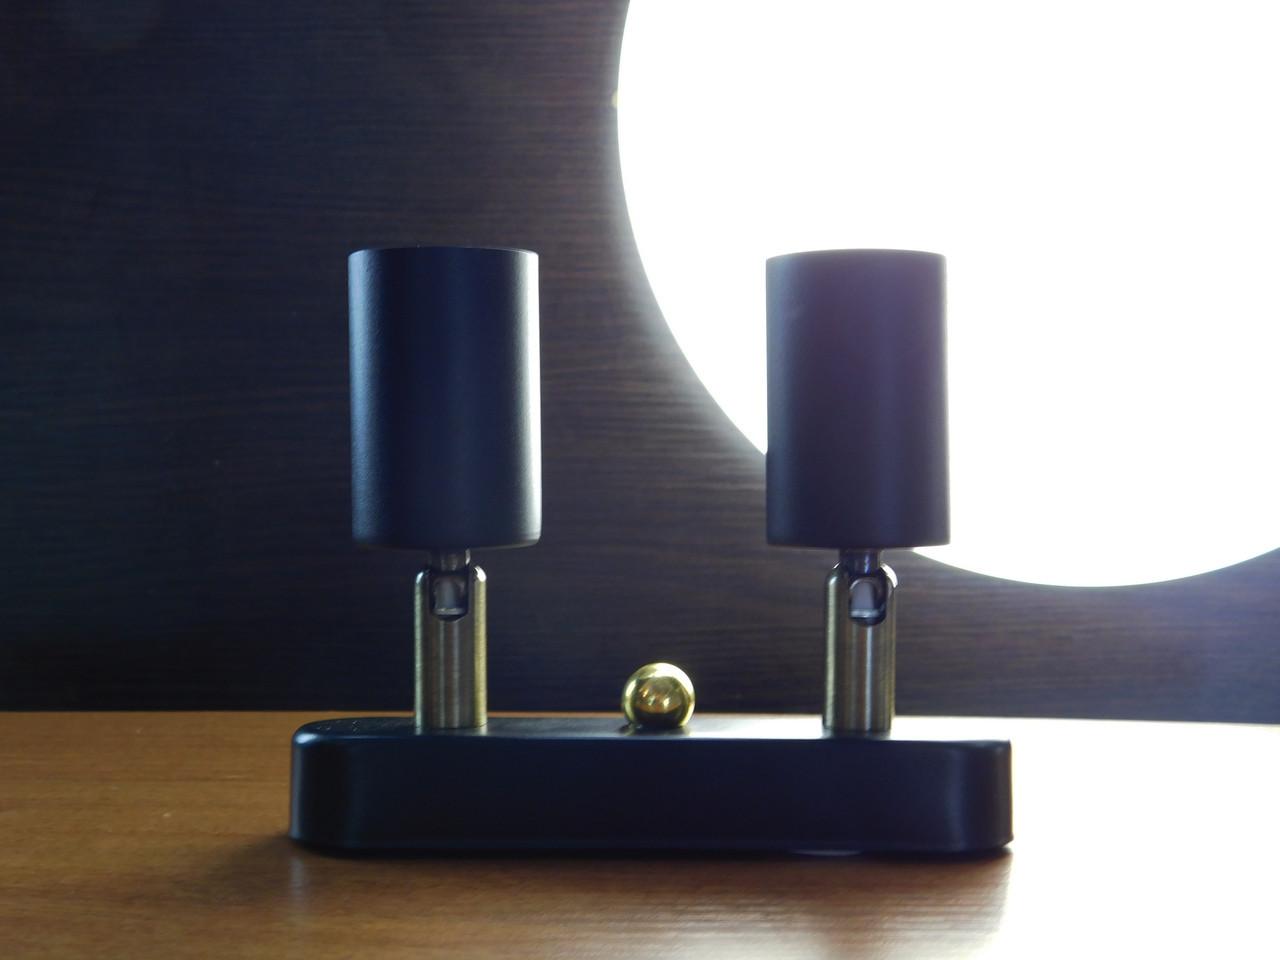 Настенный светильник, спот поворотный, потолочная лампа, на две лампы mini, черный цвет